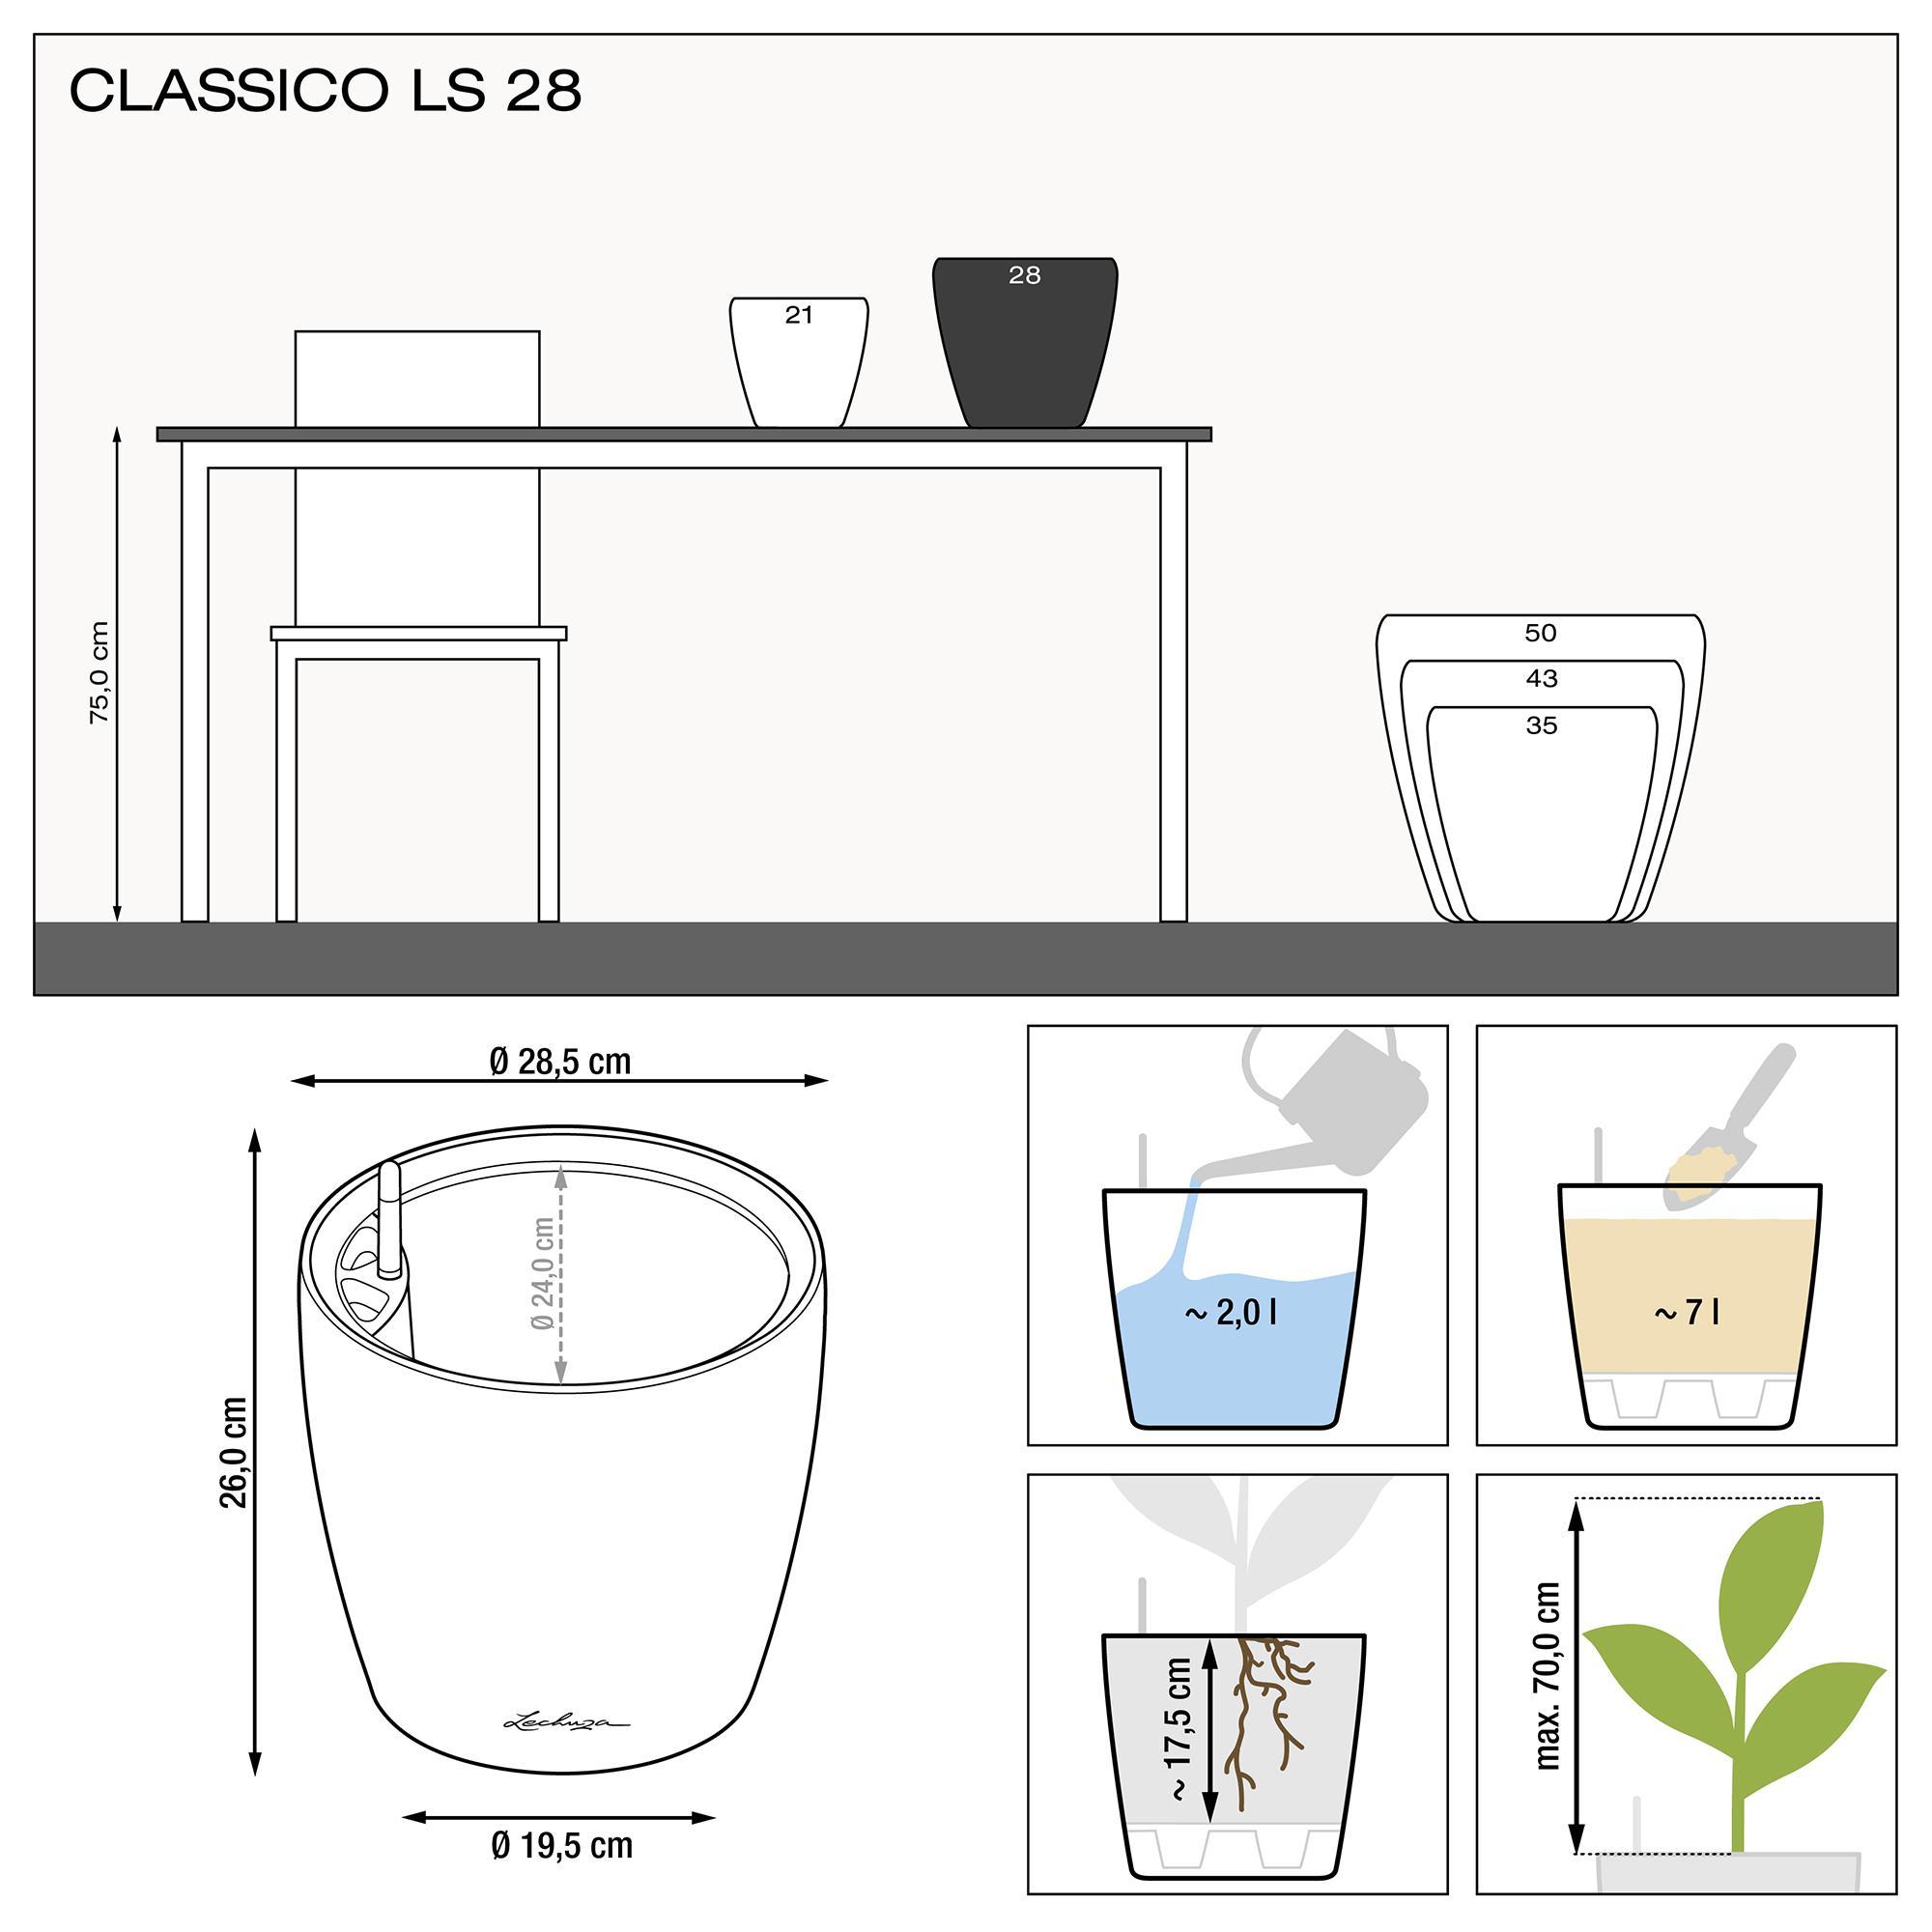 le_classico-ls28_product_addi_nz